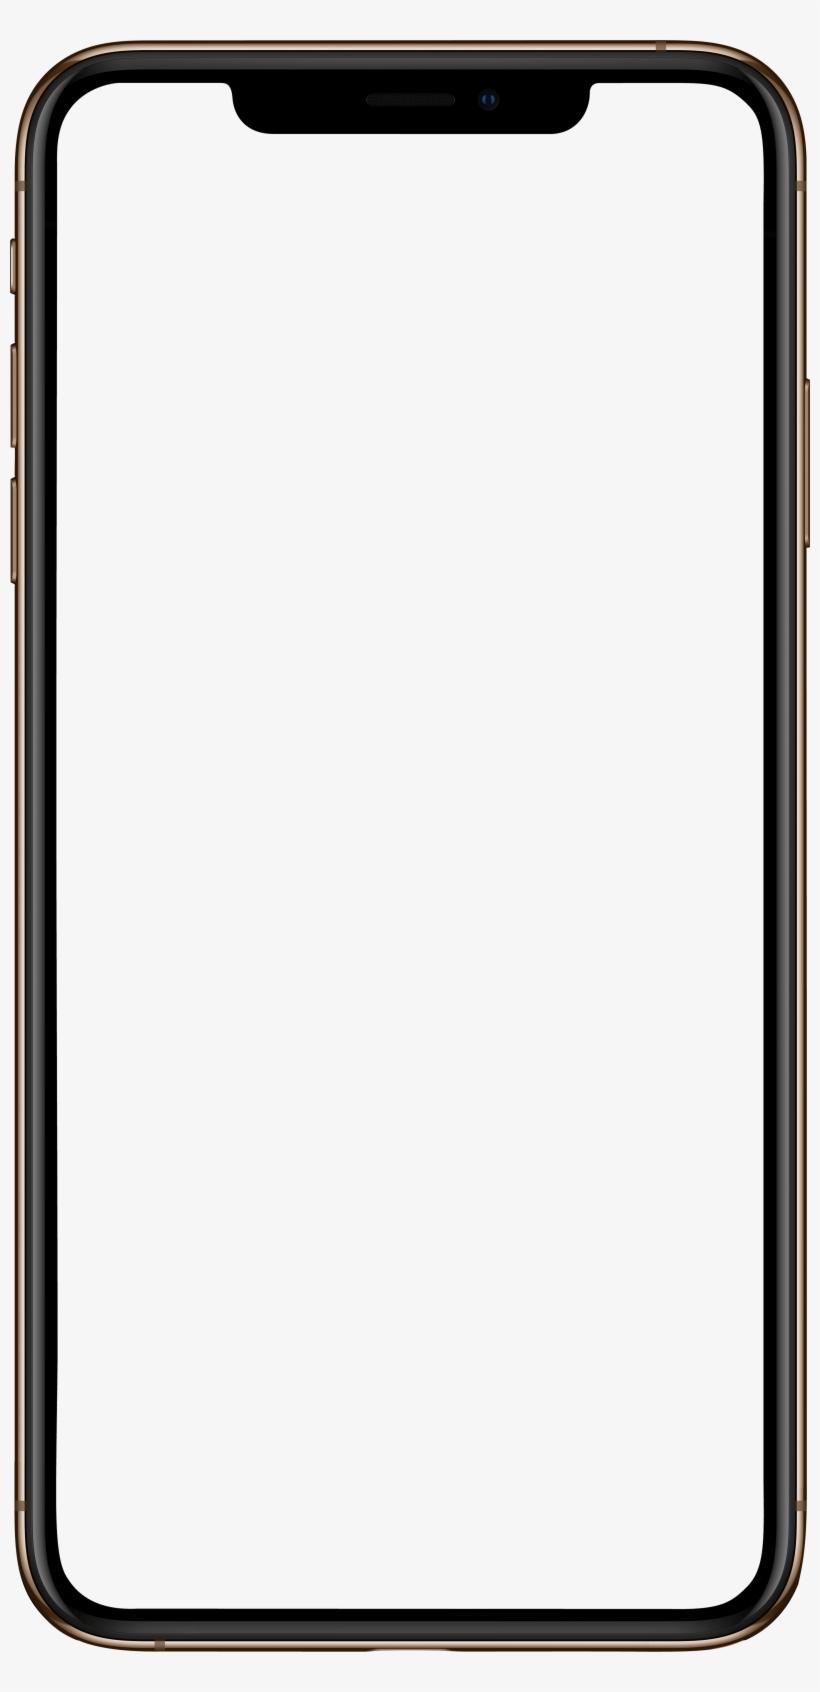 Iphone Vector Png : iphone, vector, Apple, Iphone, Vector, Transparent, 2721x5485, Download, NicePNG